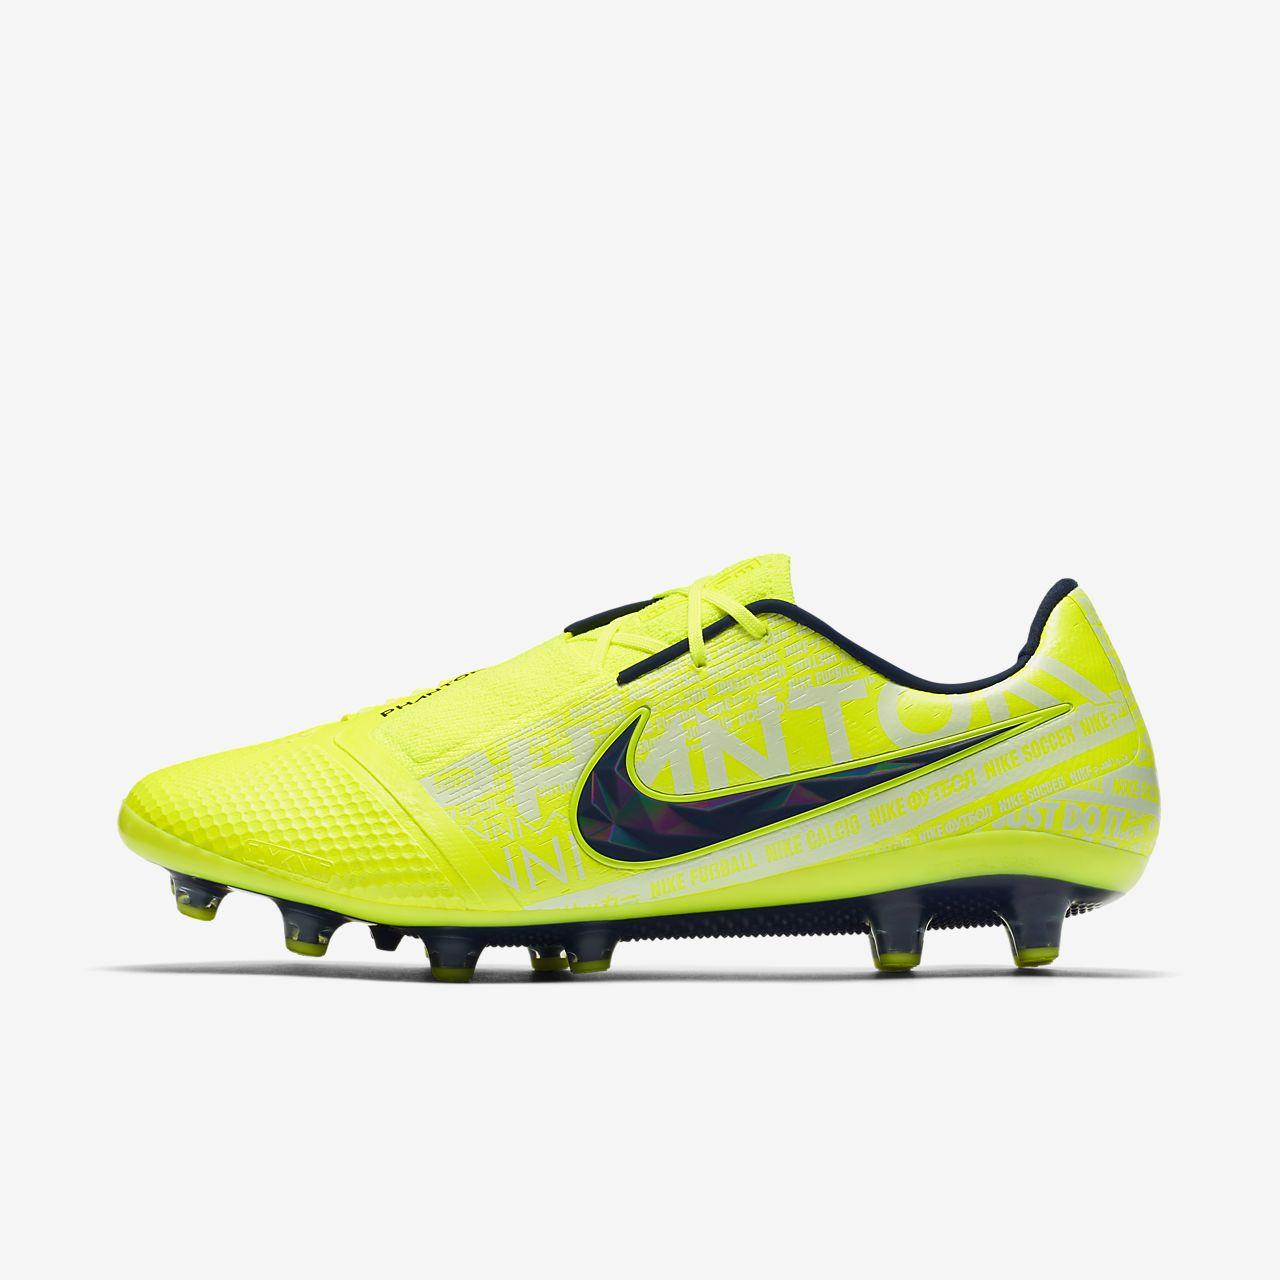 vendita limitata scarpe casual goditi la spedizione in omaggio Scarpa da calcio per erba artificiale Nike Phantom Venom Elite AG-Pro